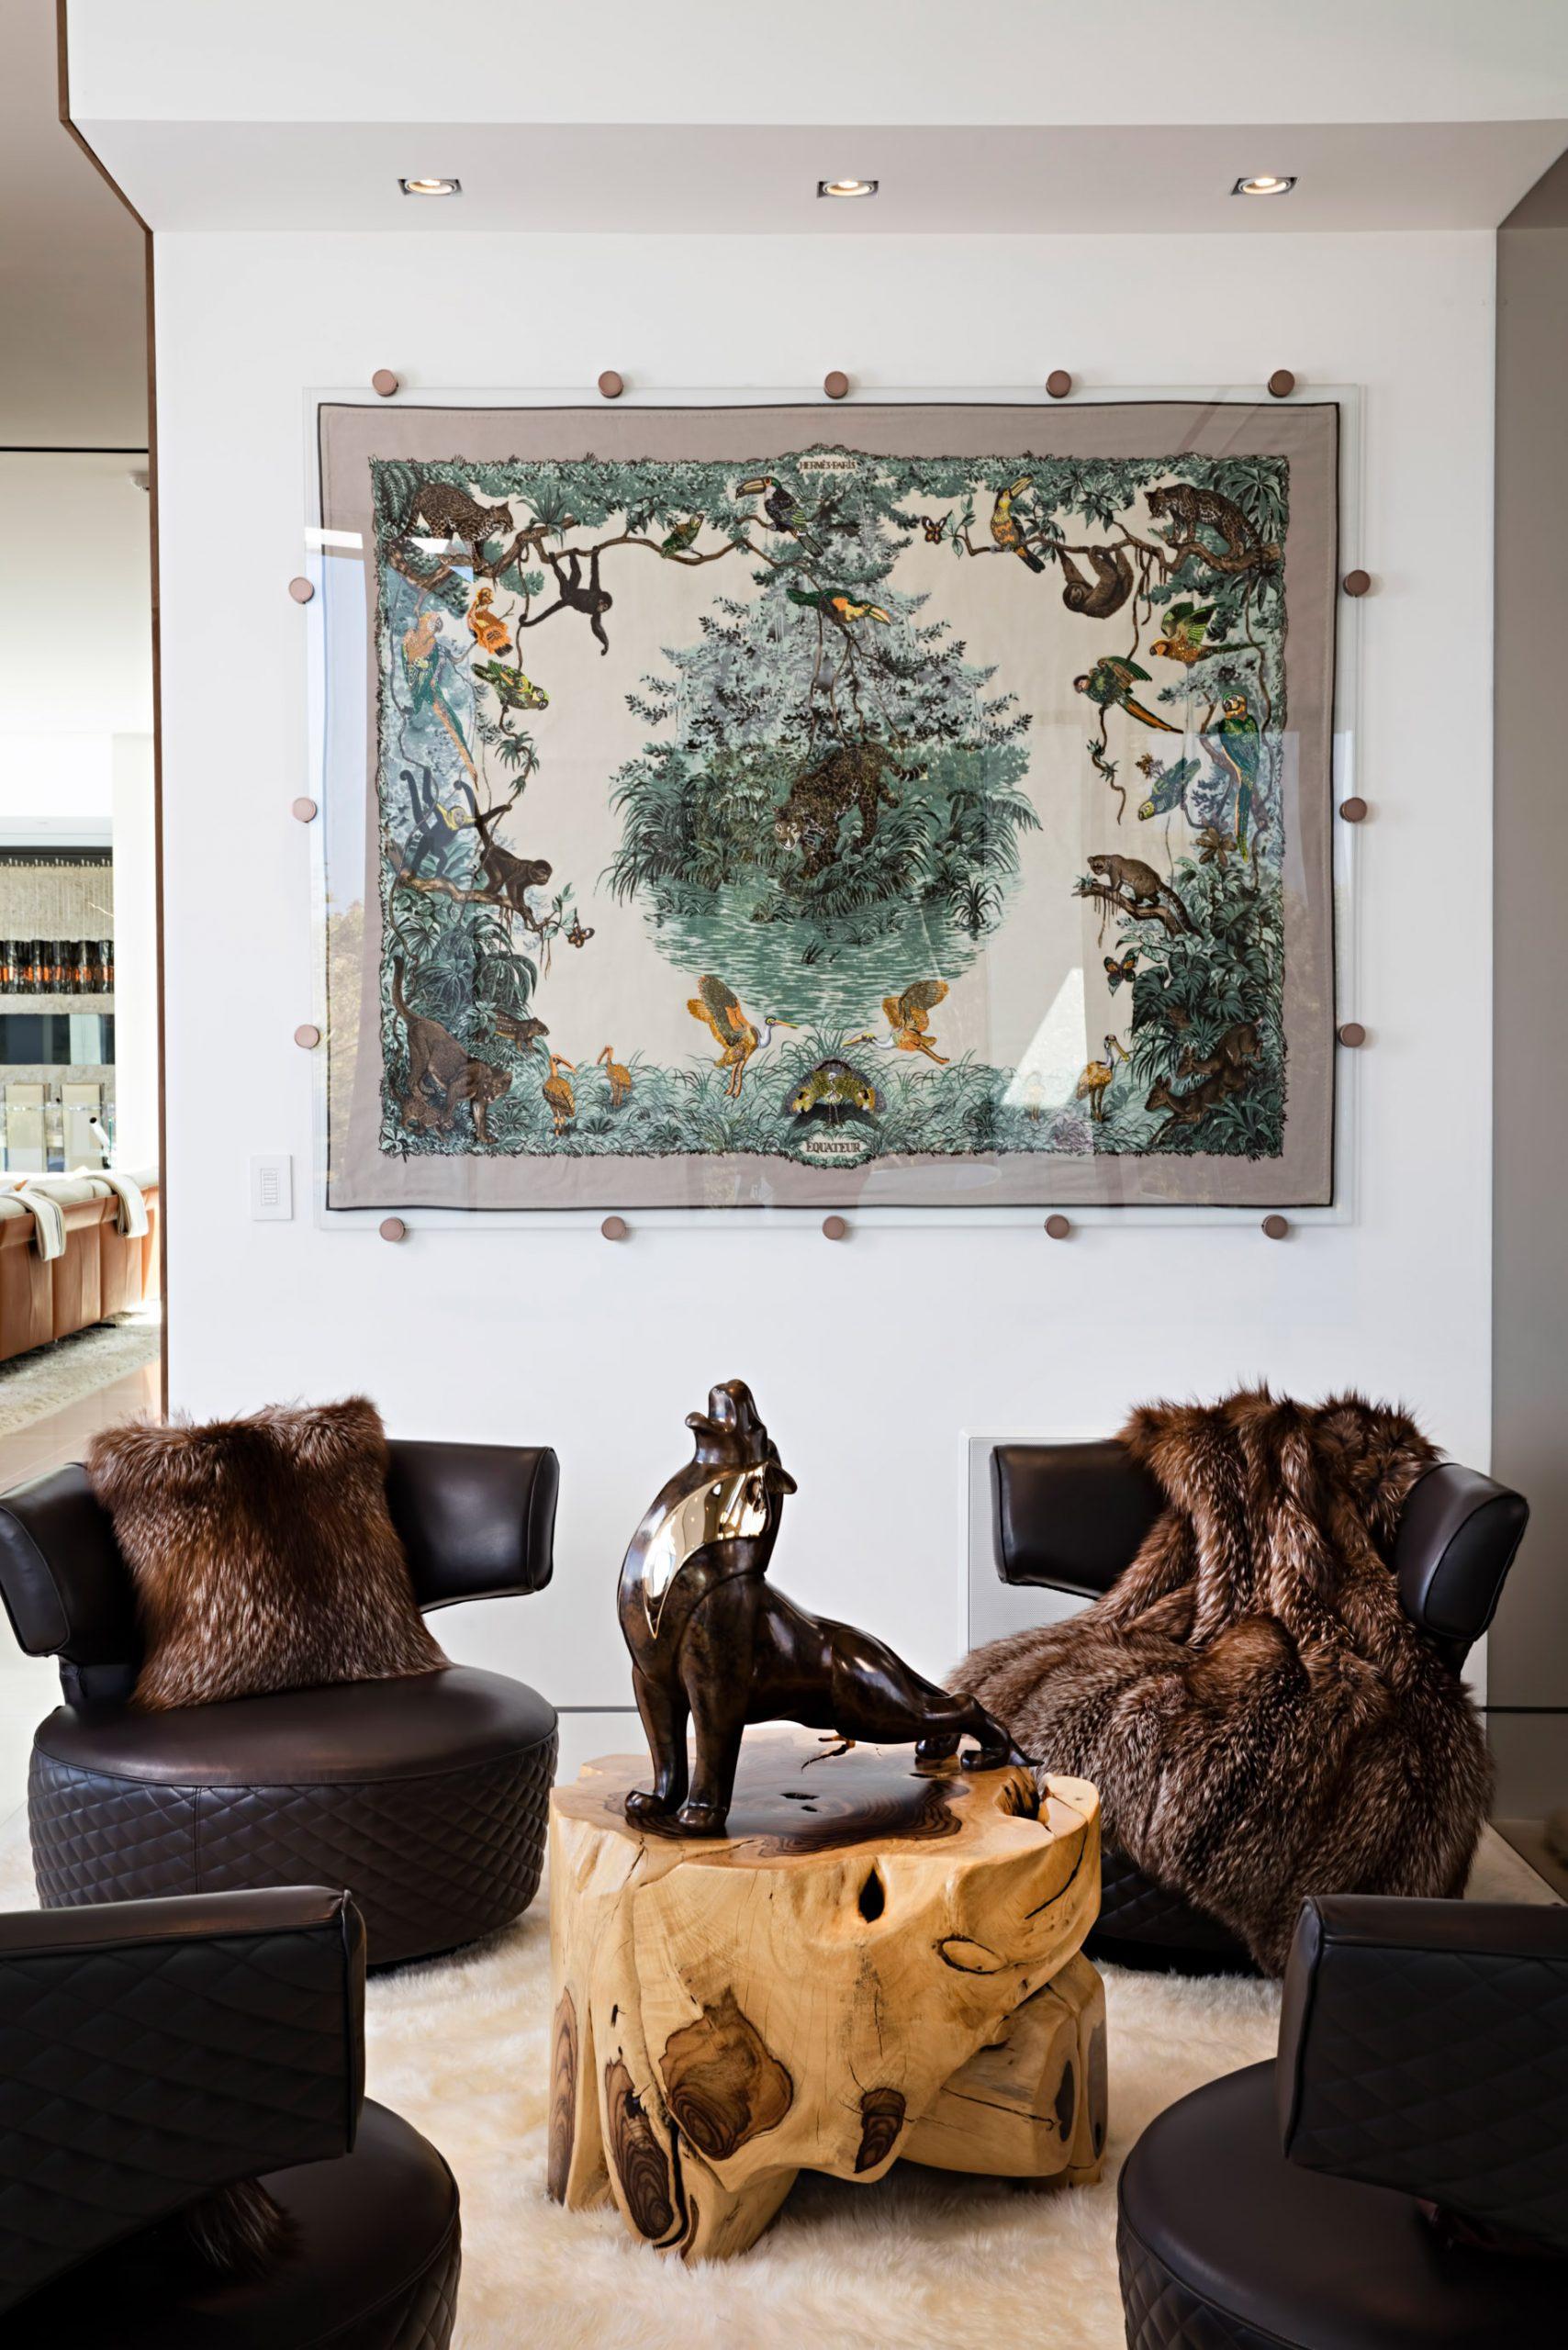 Hermes Safari Art Equateur Blanket - 924 Bel Air Rd, Los Angeles, CA, USA